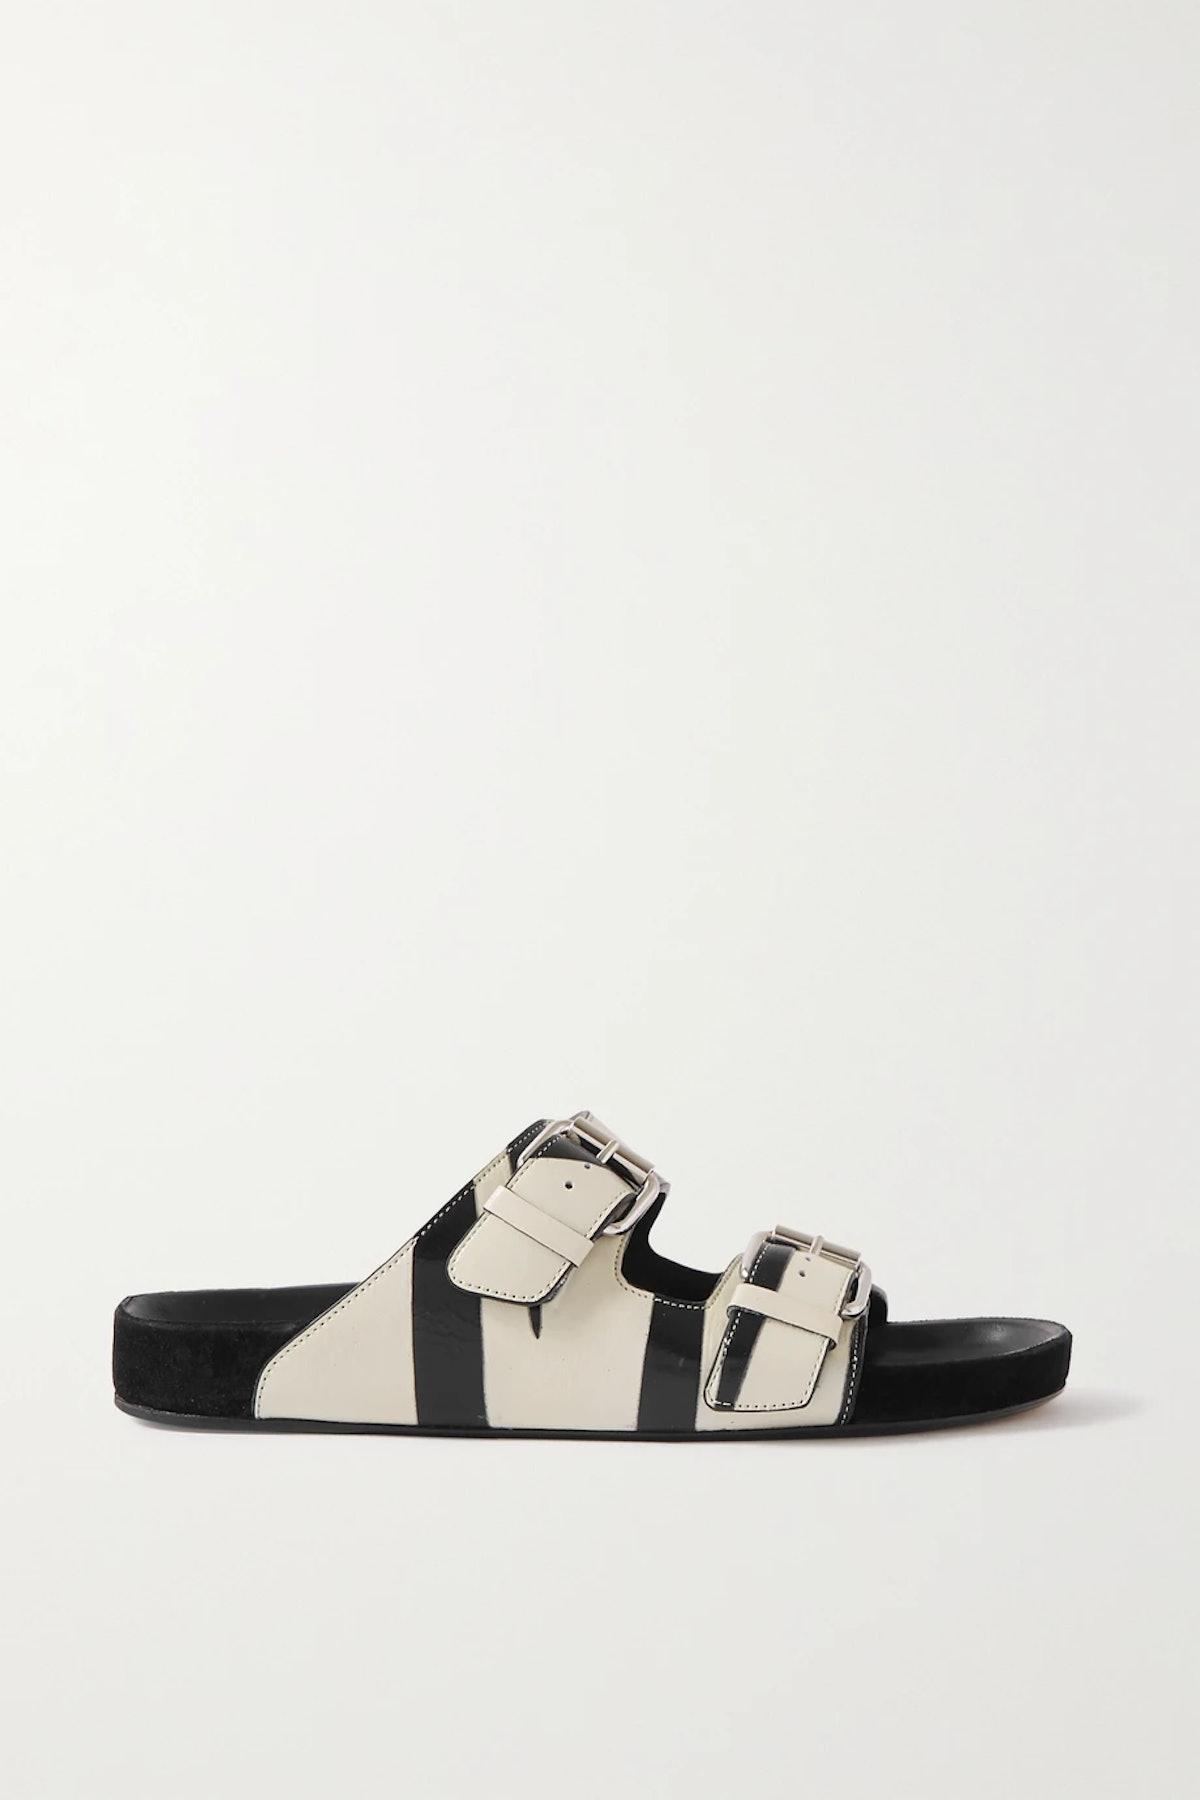 Lennyo Zebra-Print Crinkled-Leather Slides